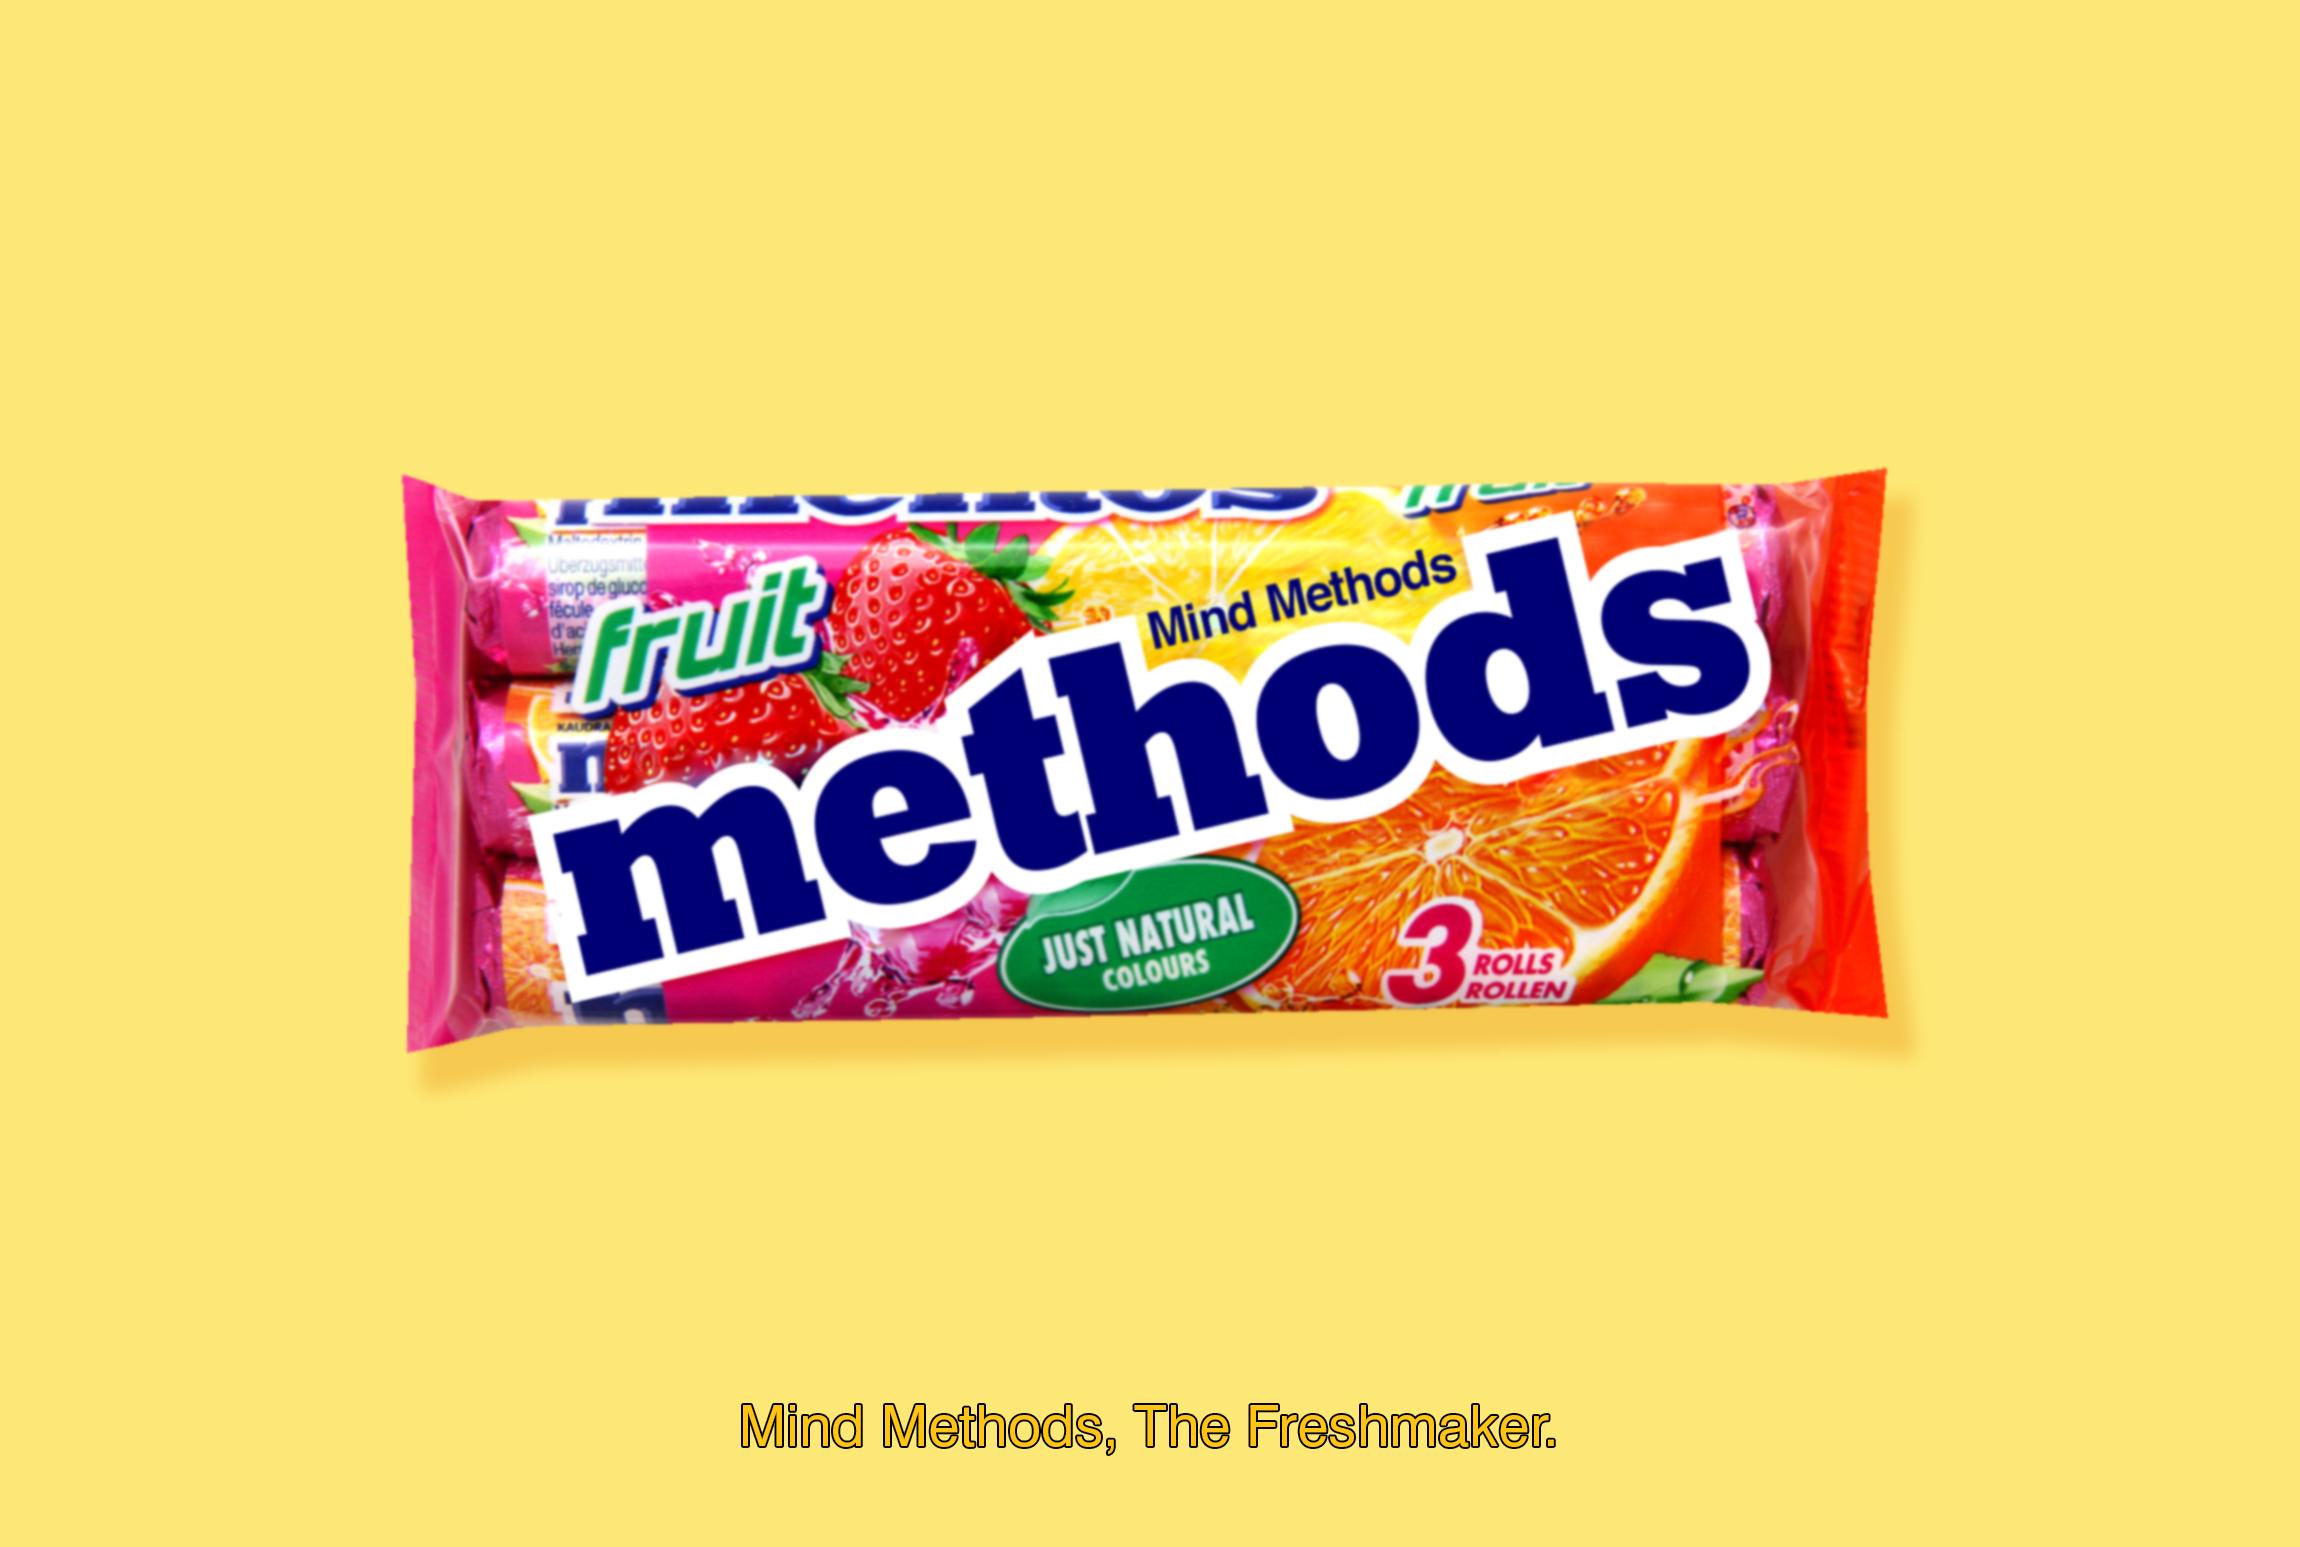 methods-freshmaker-banner-fmcg-yellow.jpg